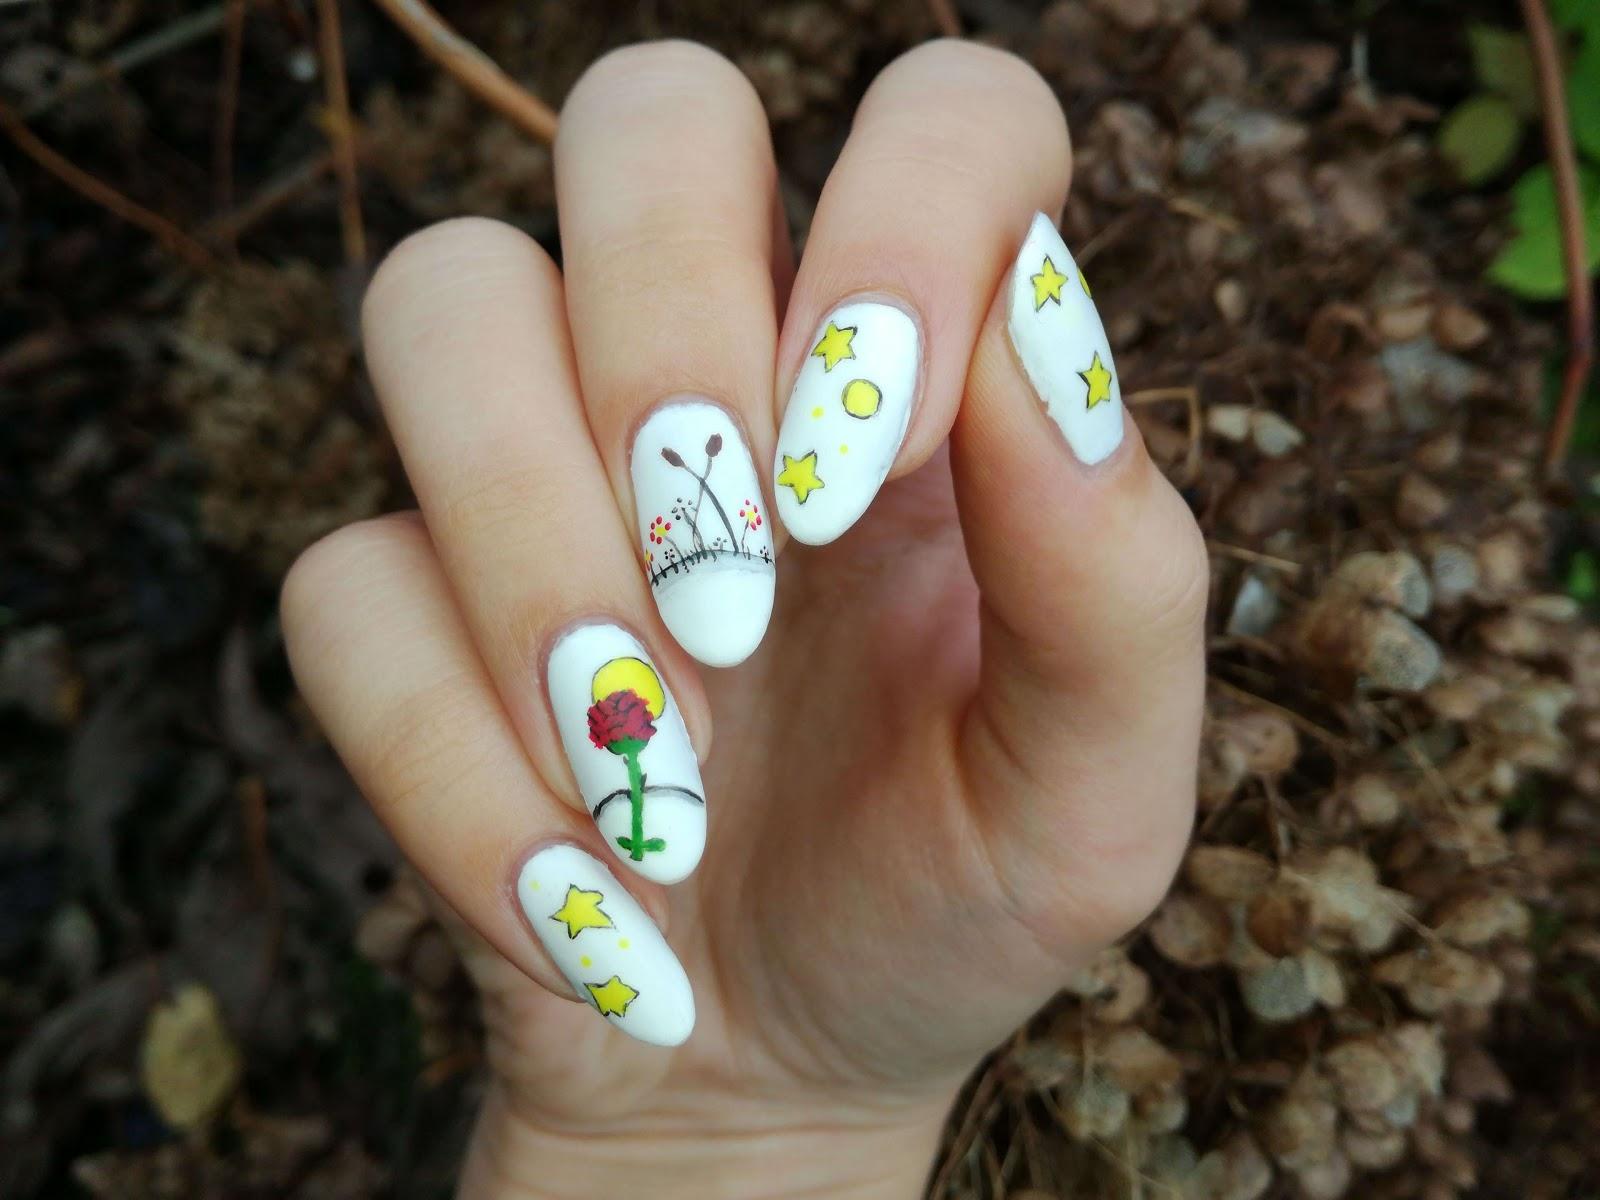 prawa dłoń - zdobienie malowane lewą ręką